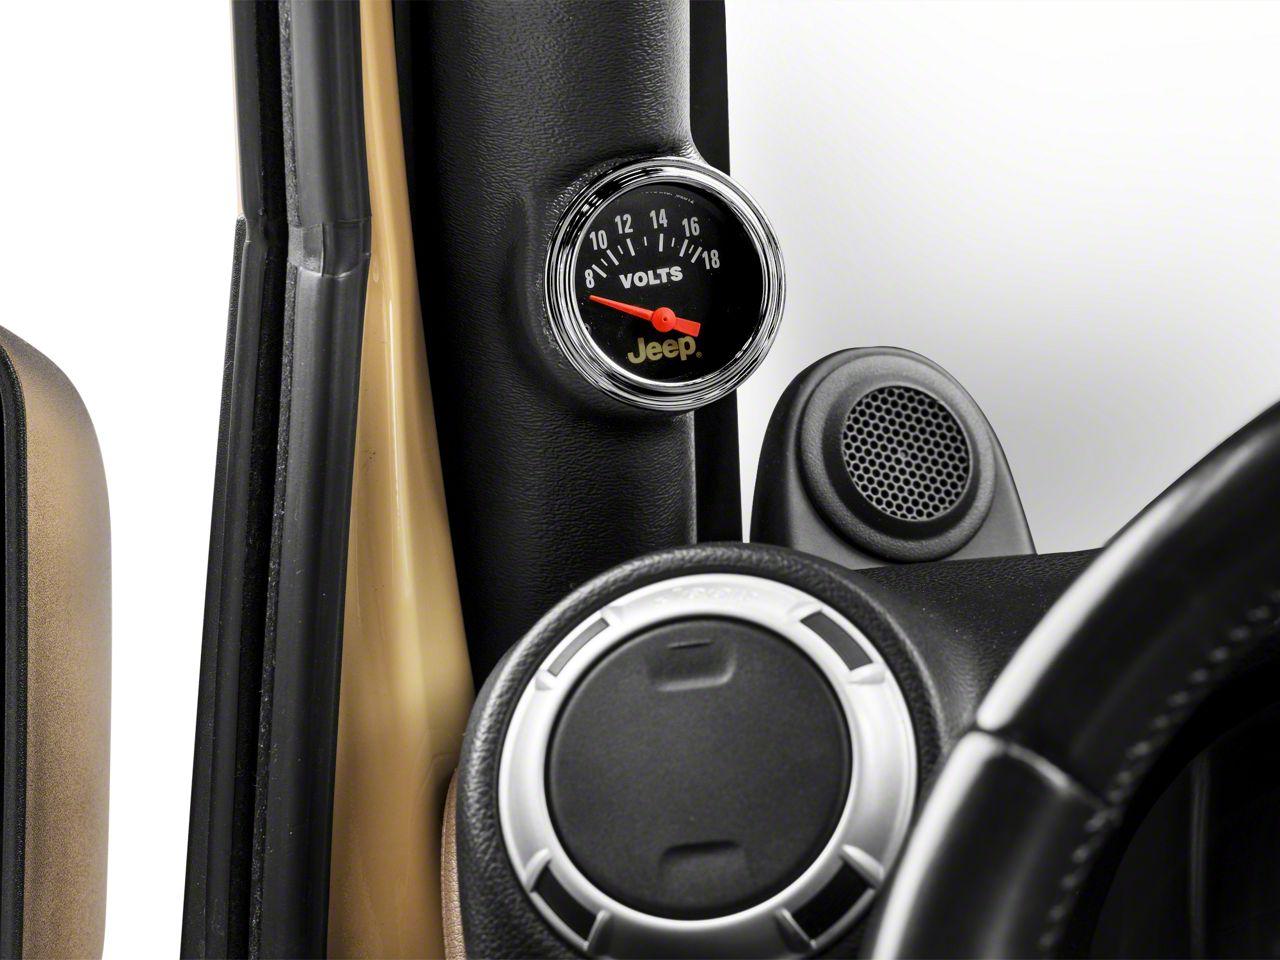 Auto Meter Voltmeter Gauge - Electrical - Jeep Logo (87-18 Jeep Wrangler YJ, TJ, JK & JL)